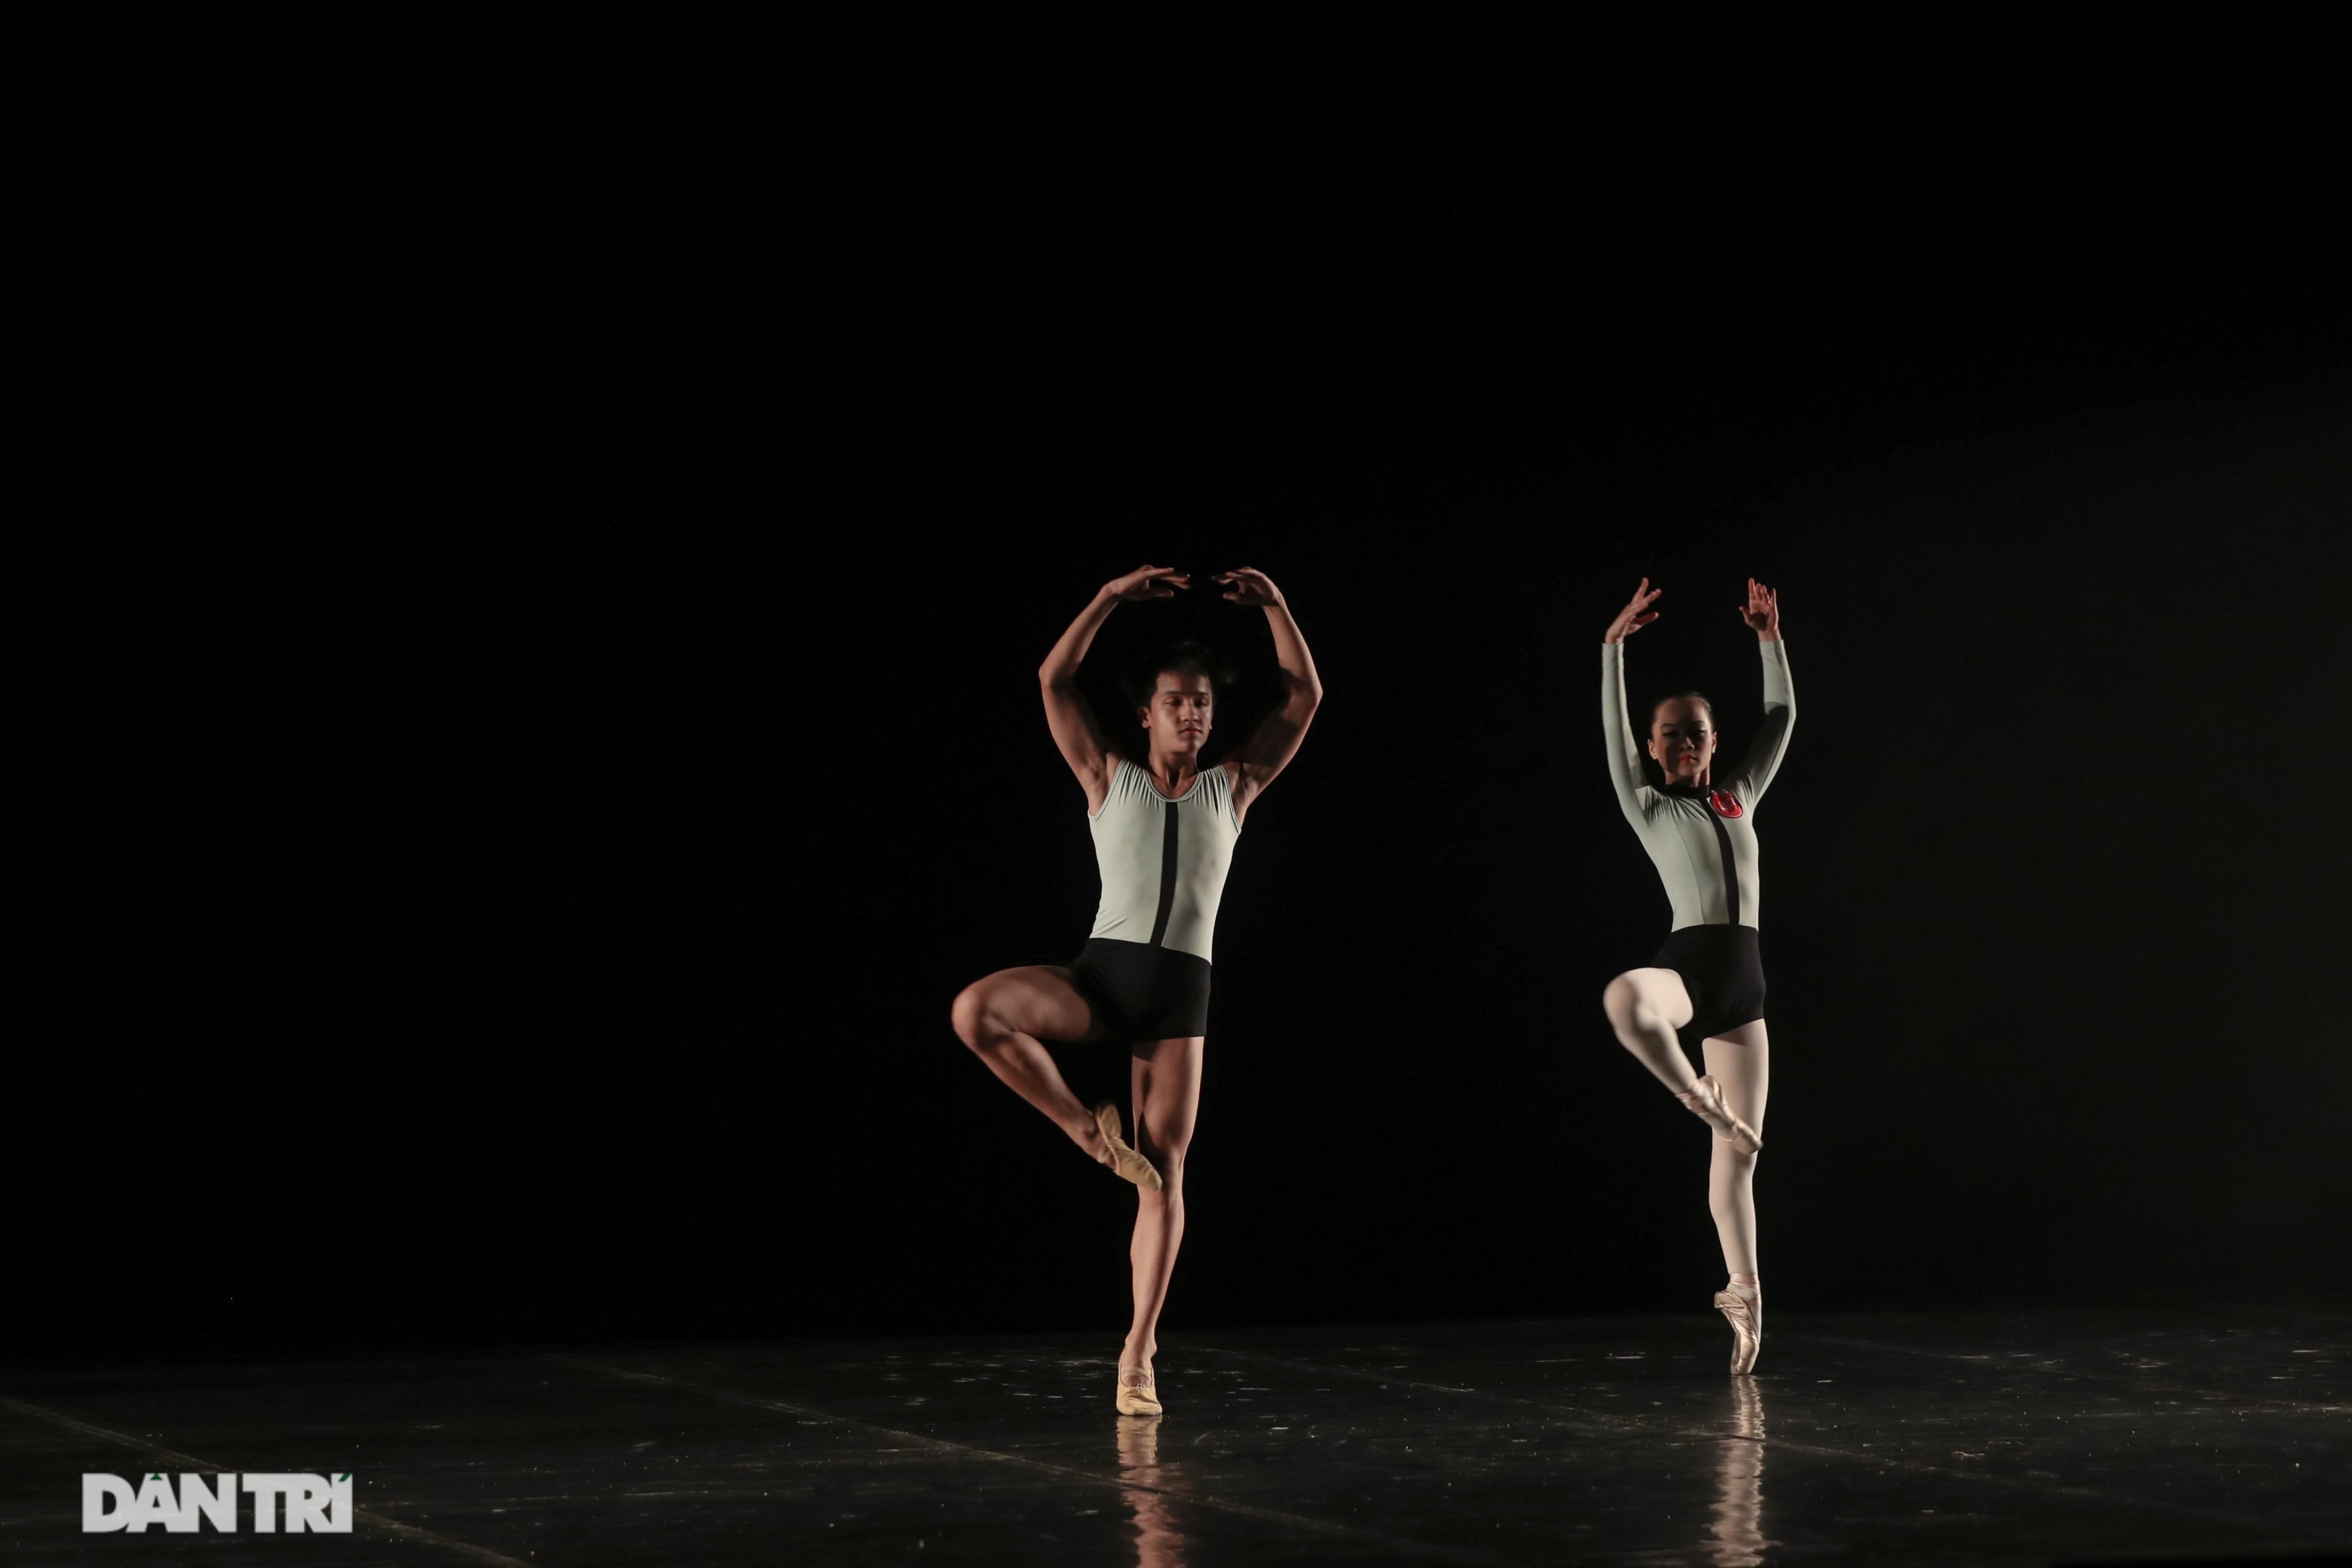 Khoảnh khắc mê hồn tại cuộc thi Tài năng biểu diễn múa - 31